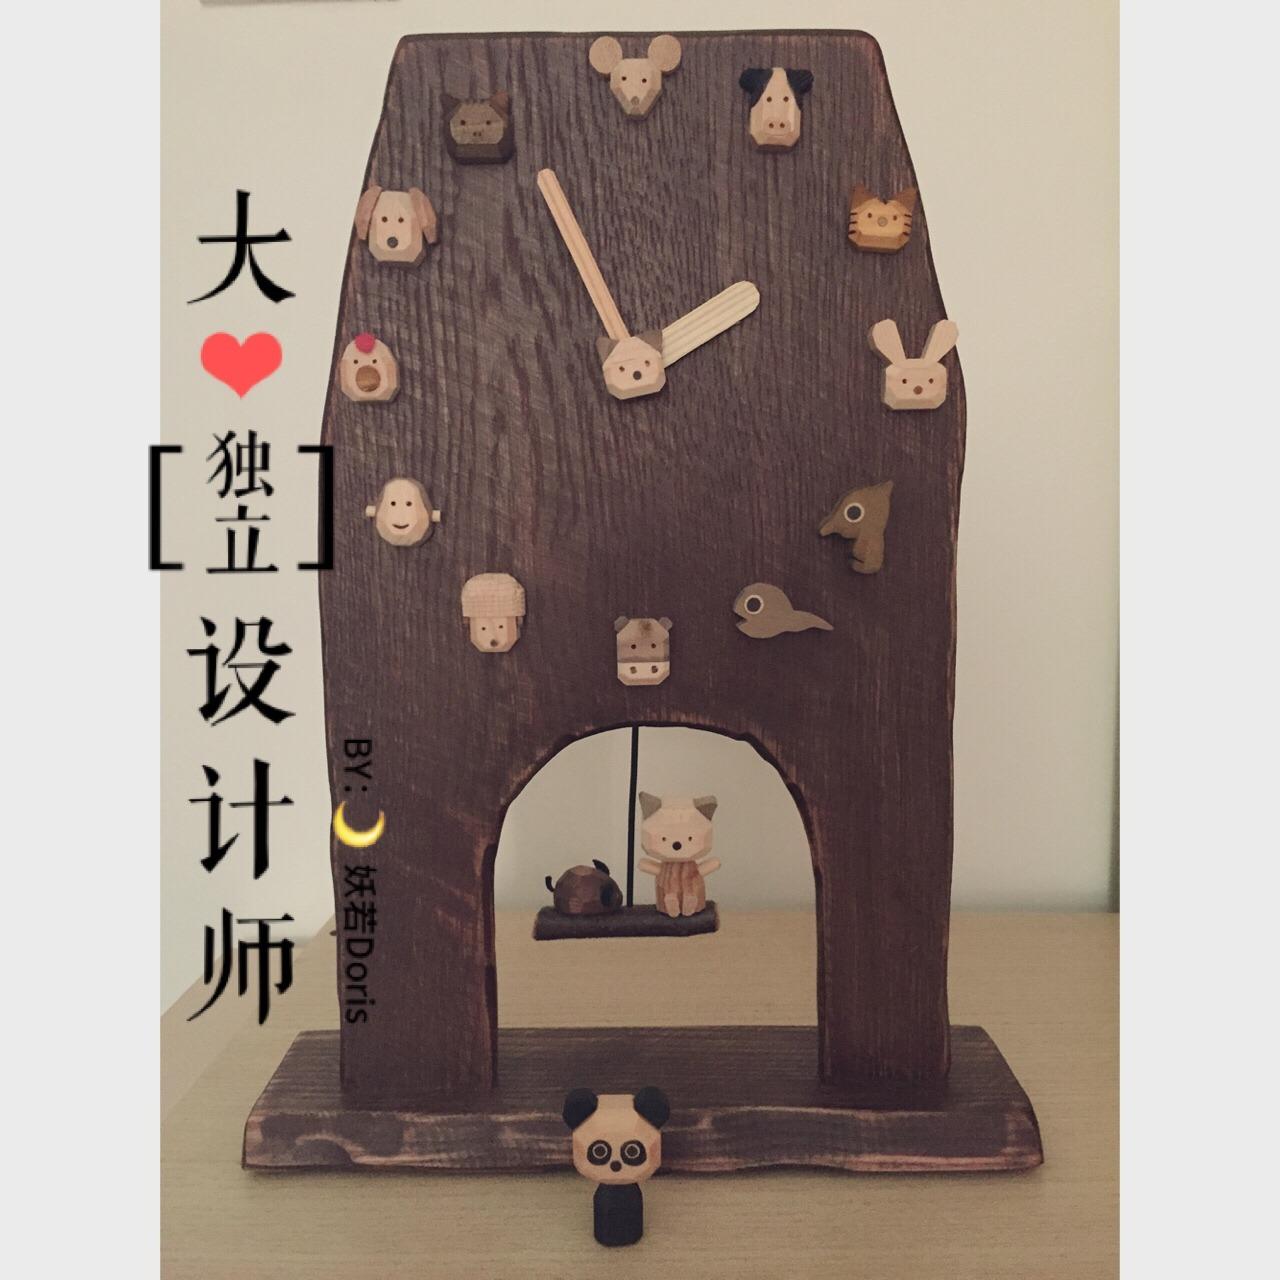 全是木头做的小动物,钥匙链,门牌,印章,钟表,各种节气主题的摆件完全